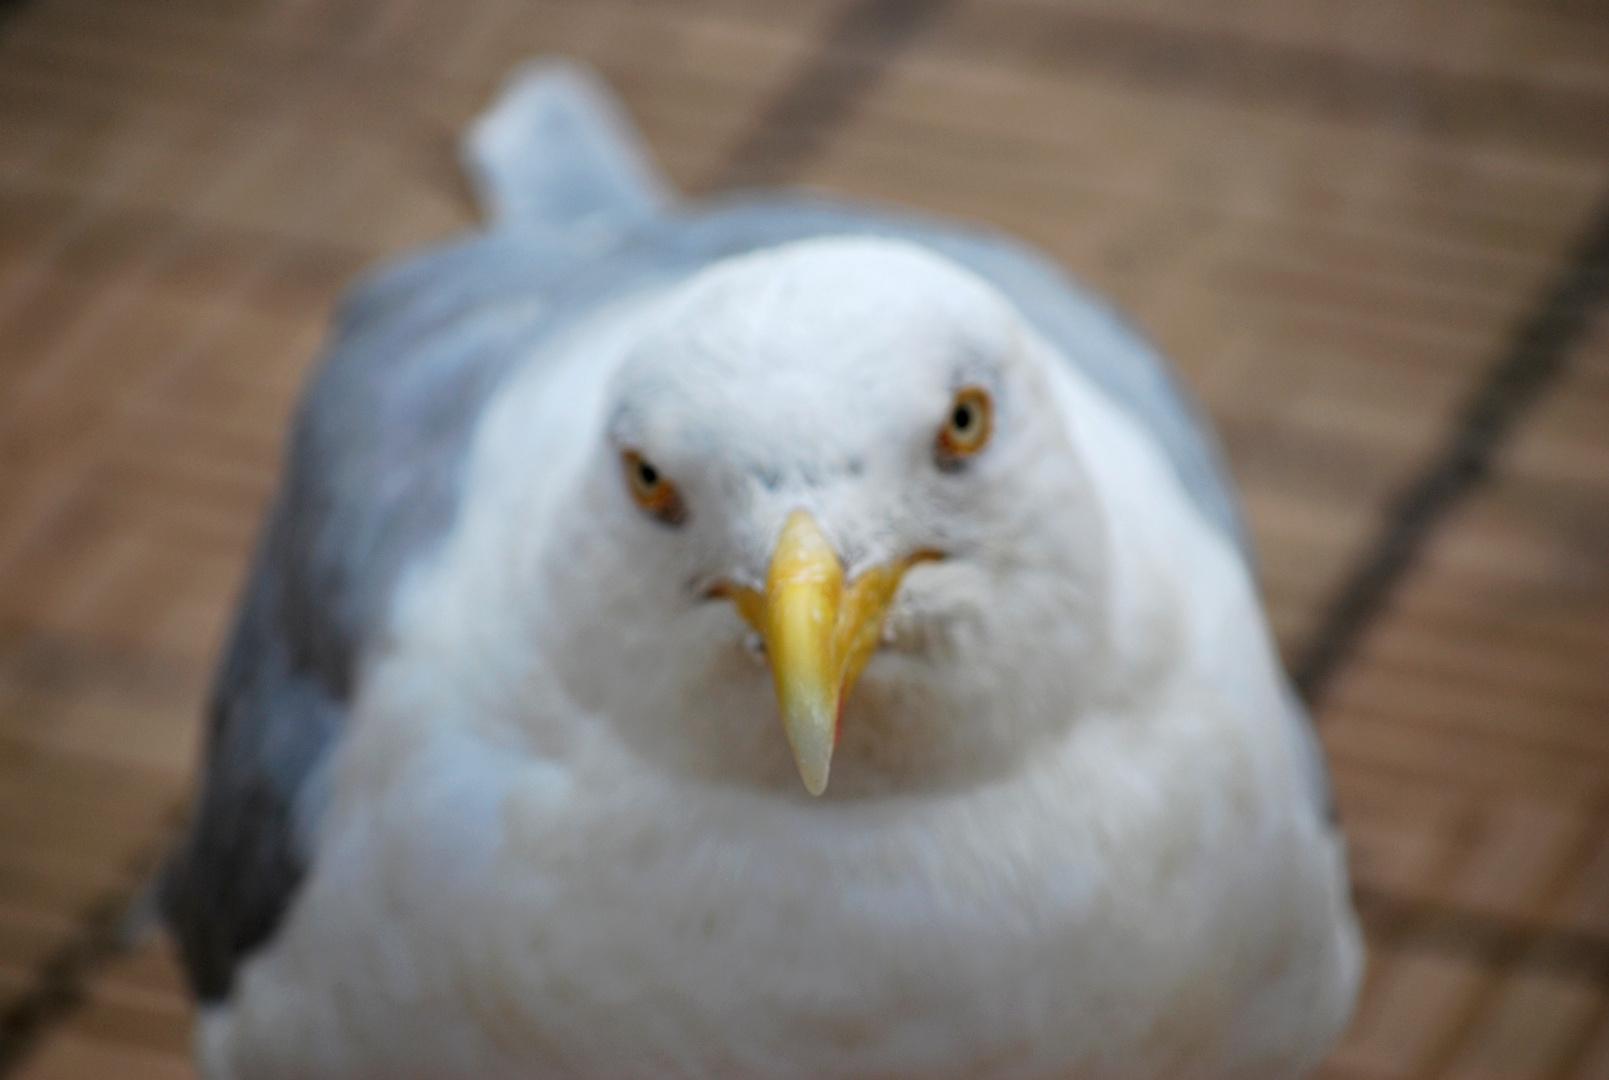 L'oiseau par l'odeur attiré s'en vint nous voir esperant quelques pitances